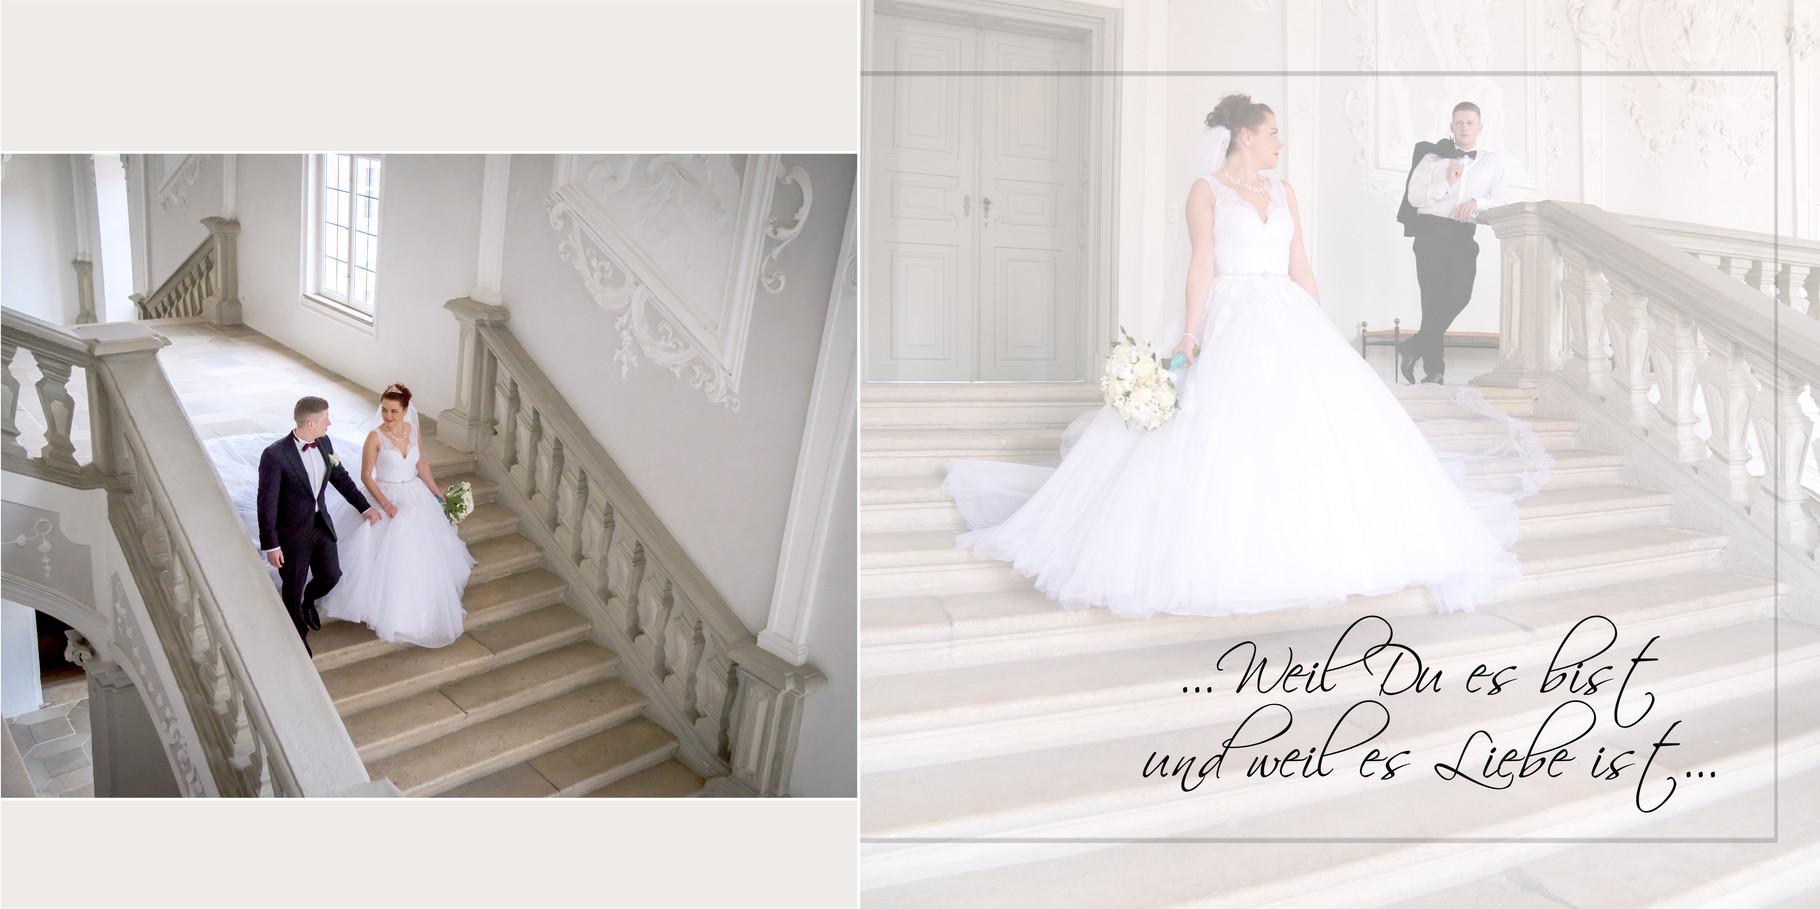 Fotobuch für russische Hochzeit in Ansbach